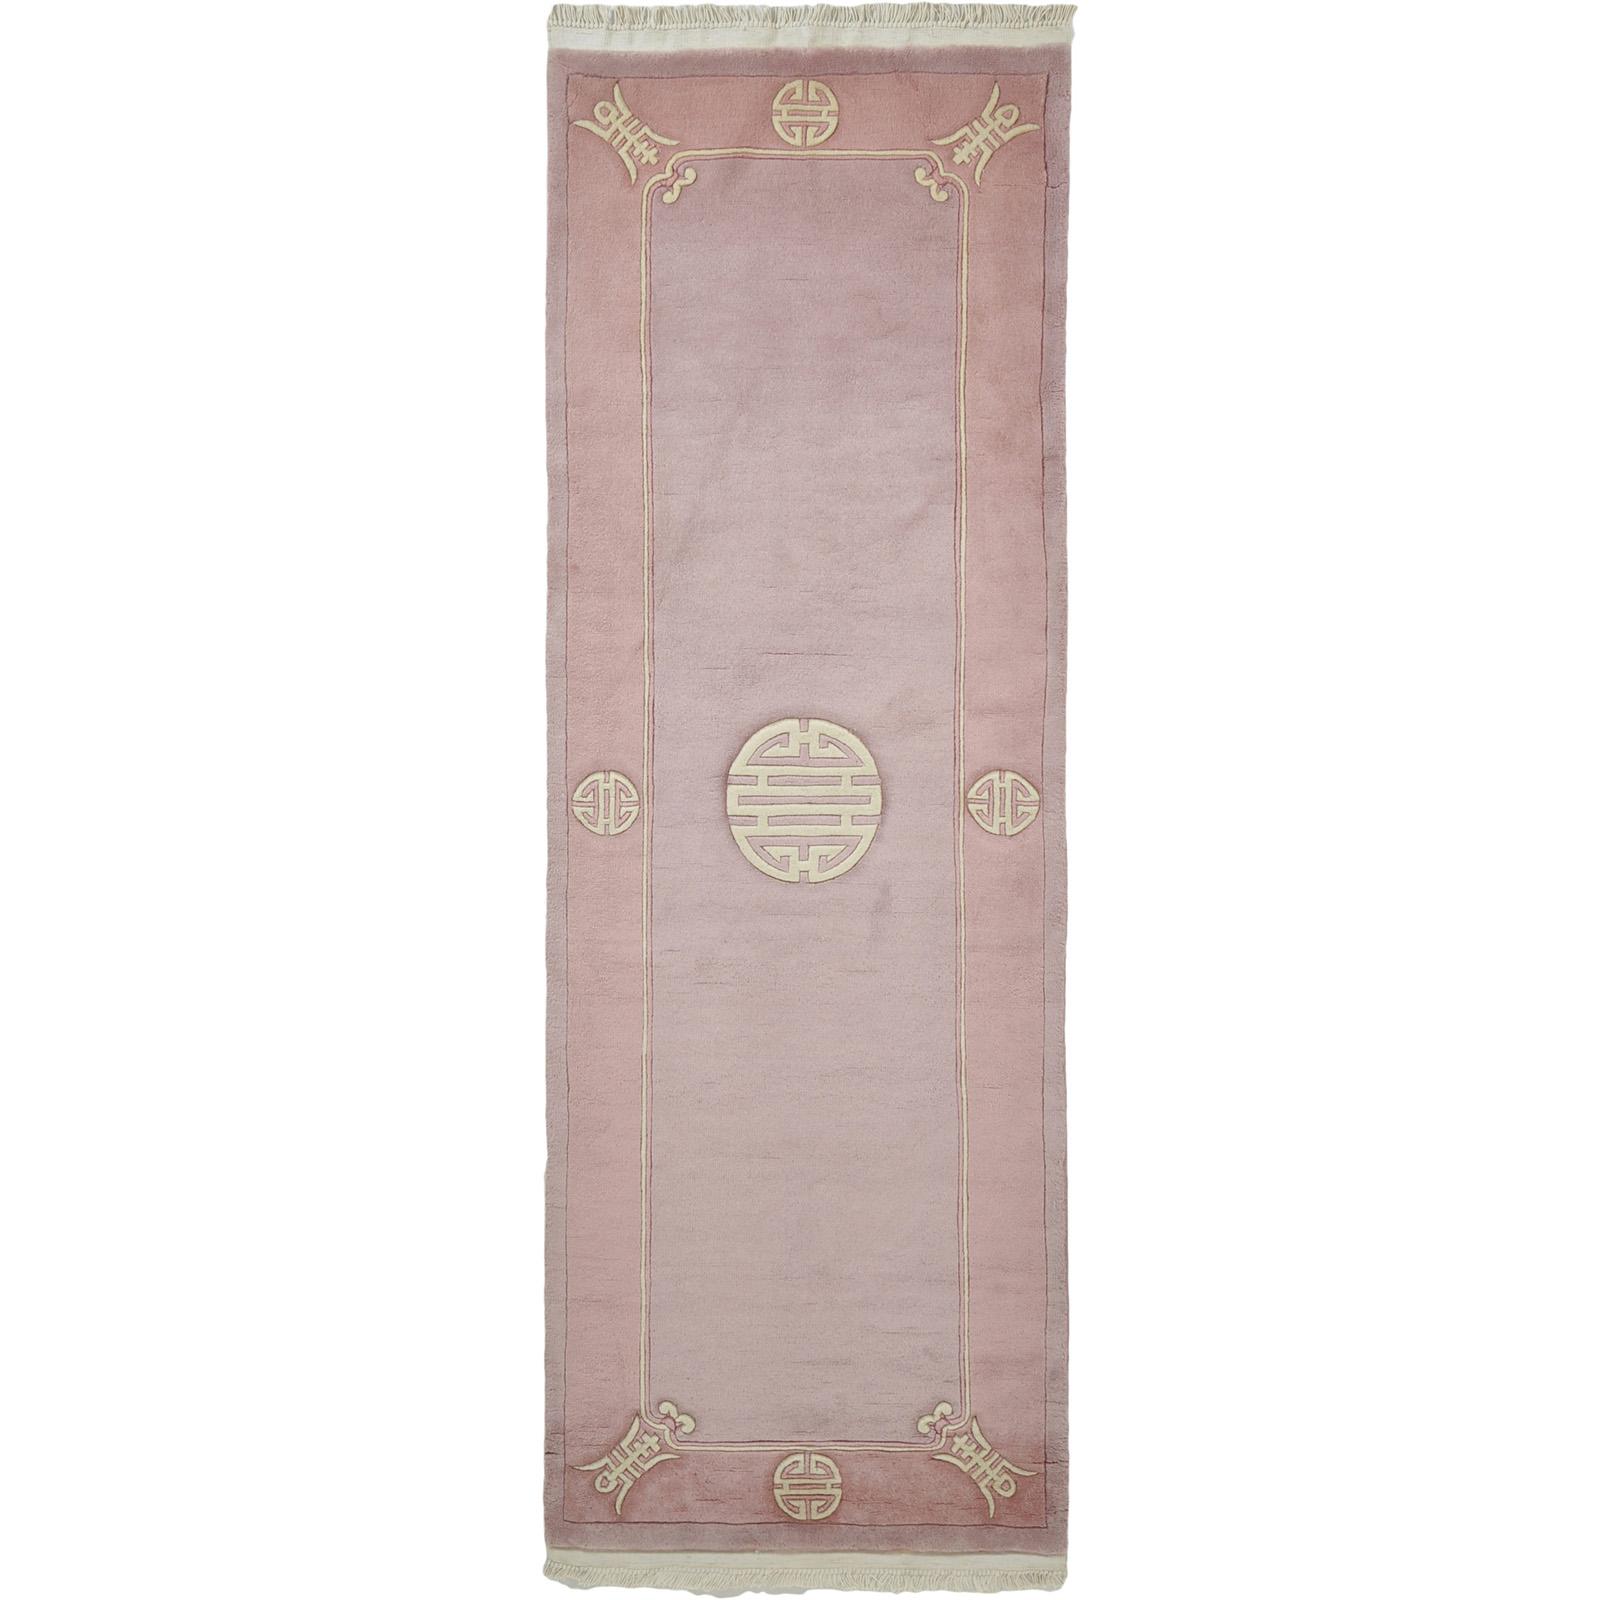 Kina 90 L matta storlek 234x79 cm